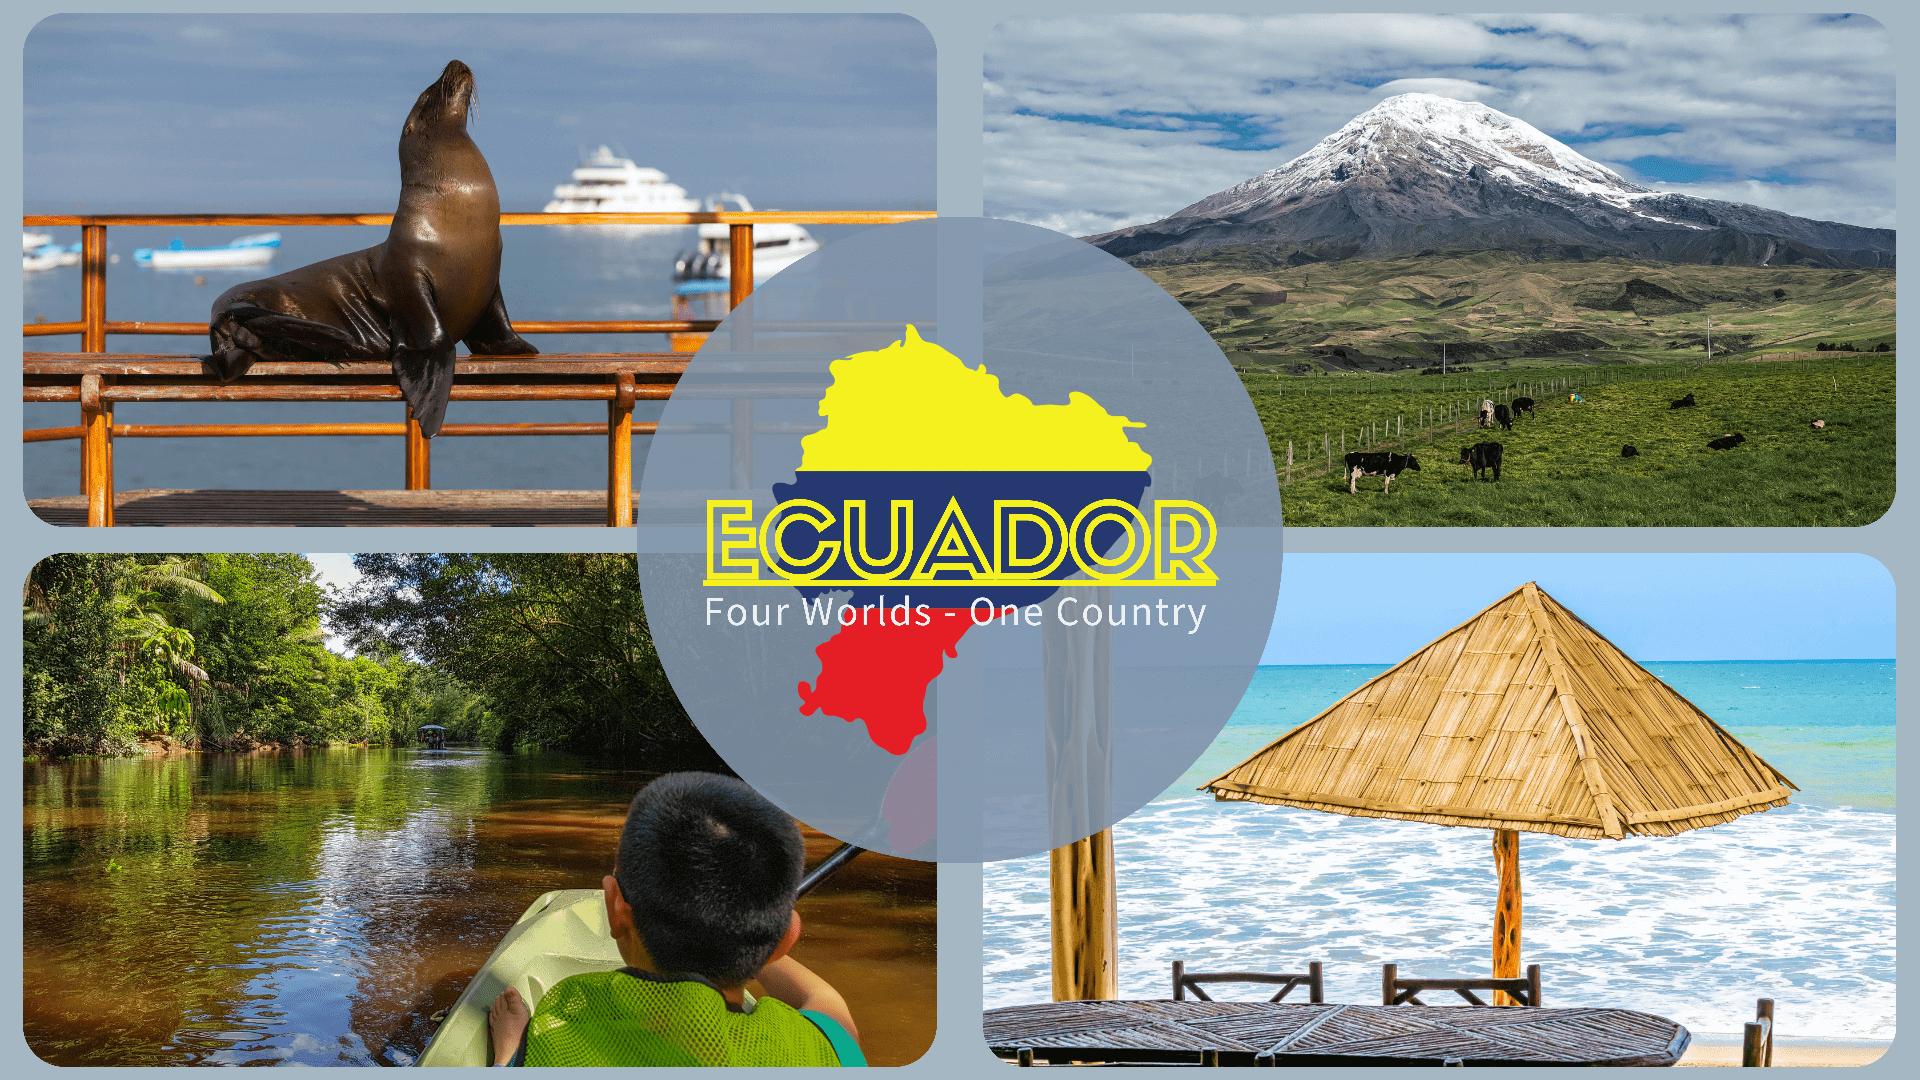 Ecuador Travel Four worlds - One country